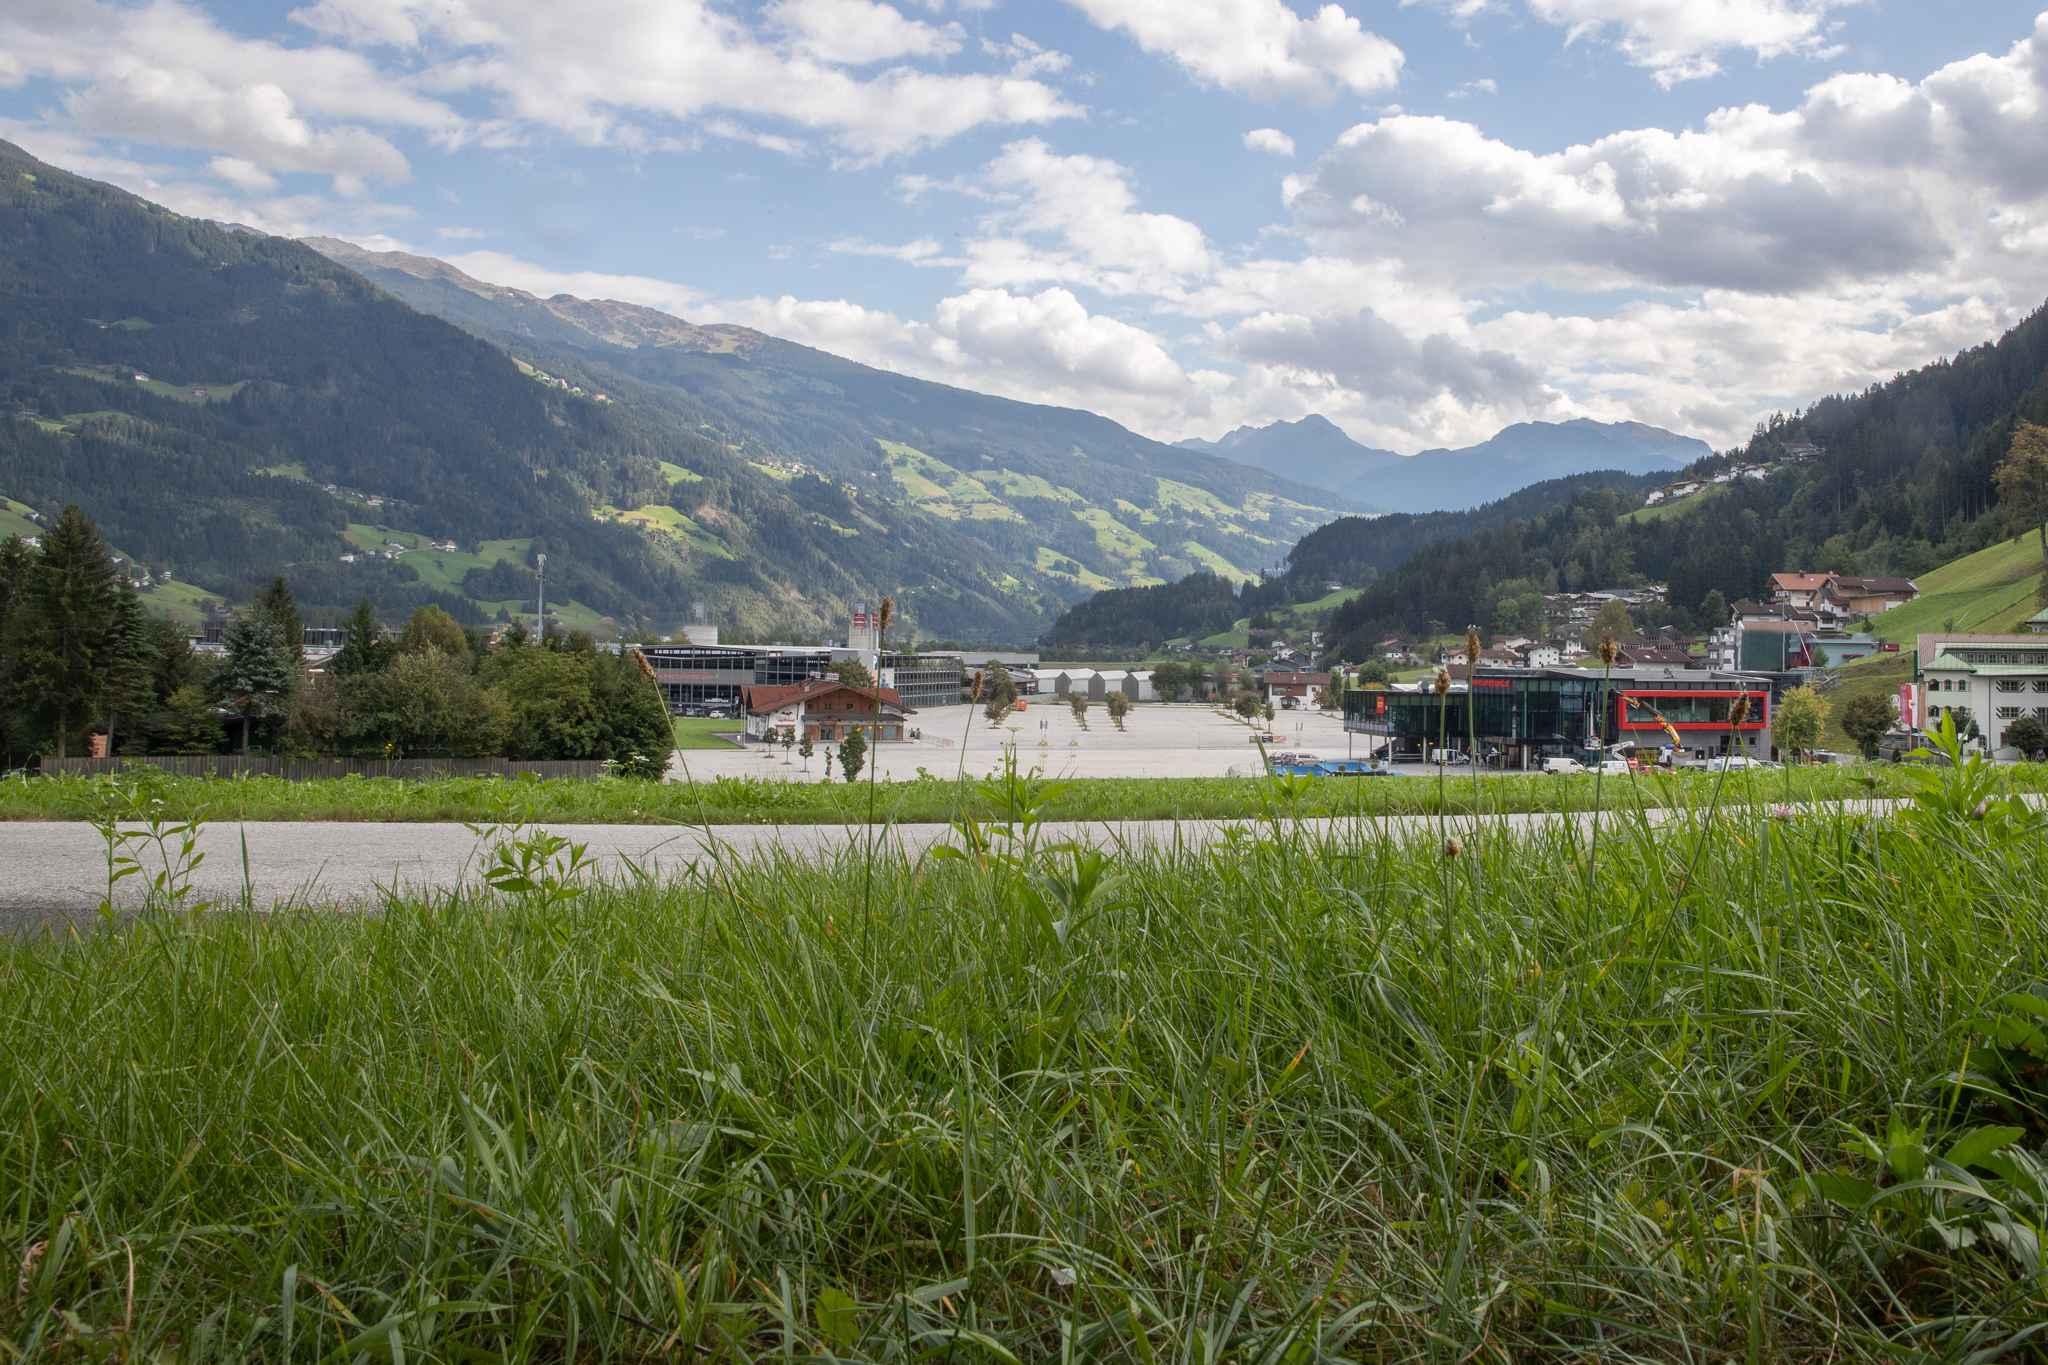 Ferienwohnung an der Talstation Kaltenbach/Hochzillertal (283777), Kaltenbach, Zillertal, Tirol, Österreich, Bild 2